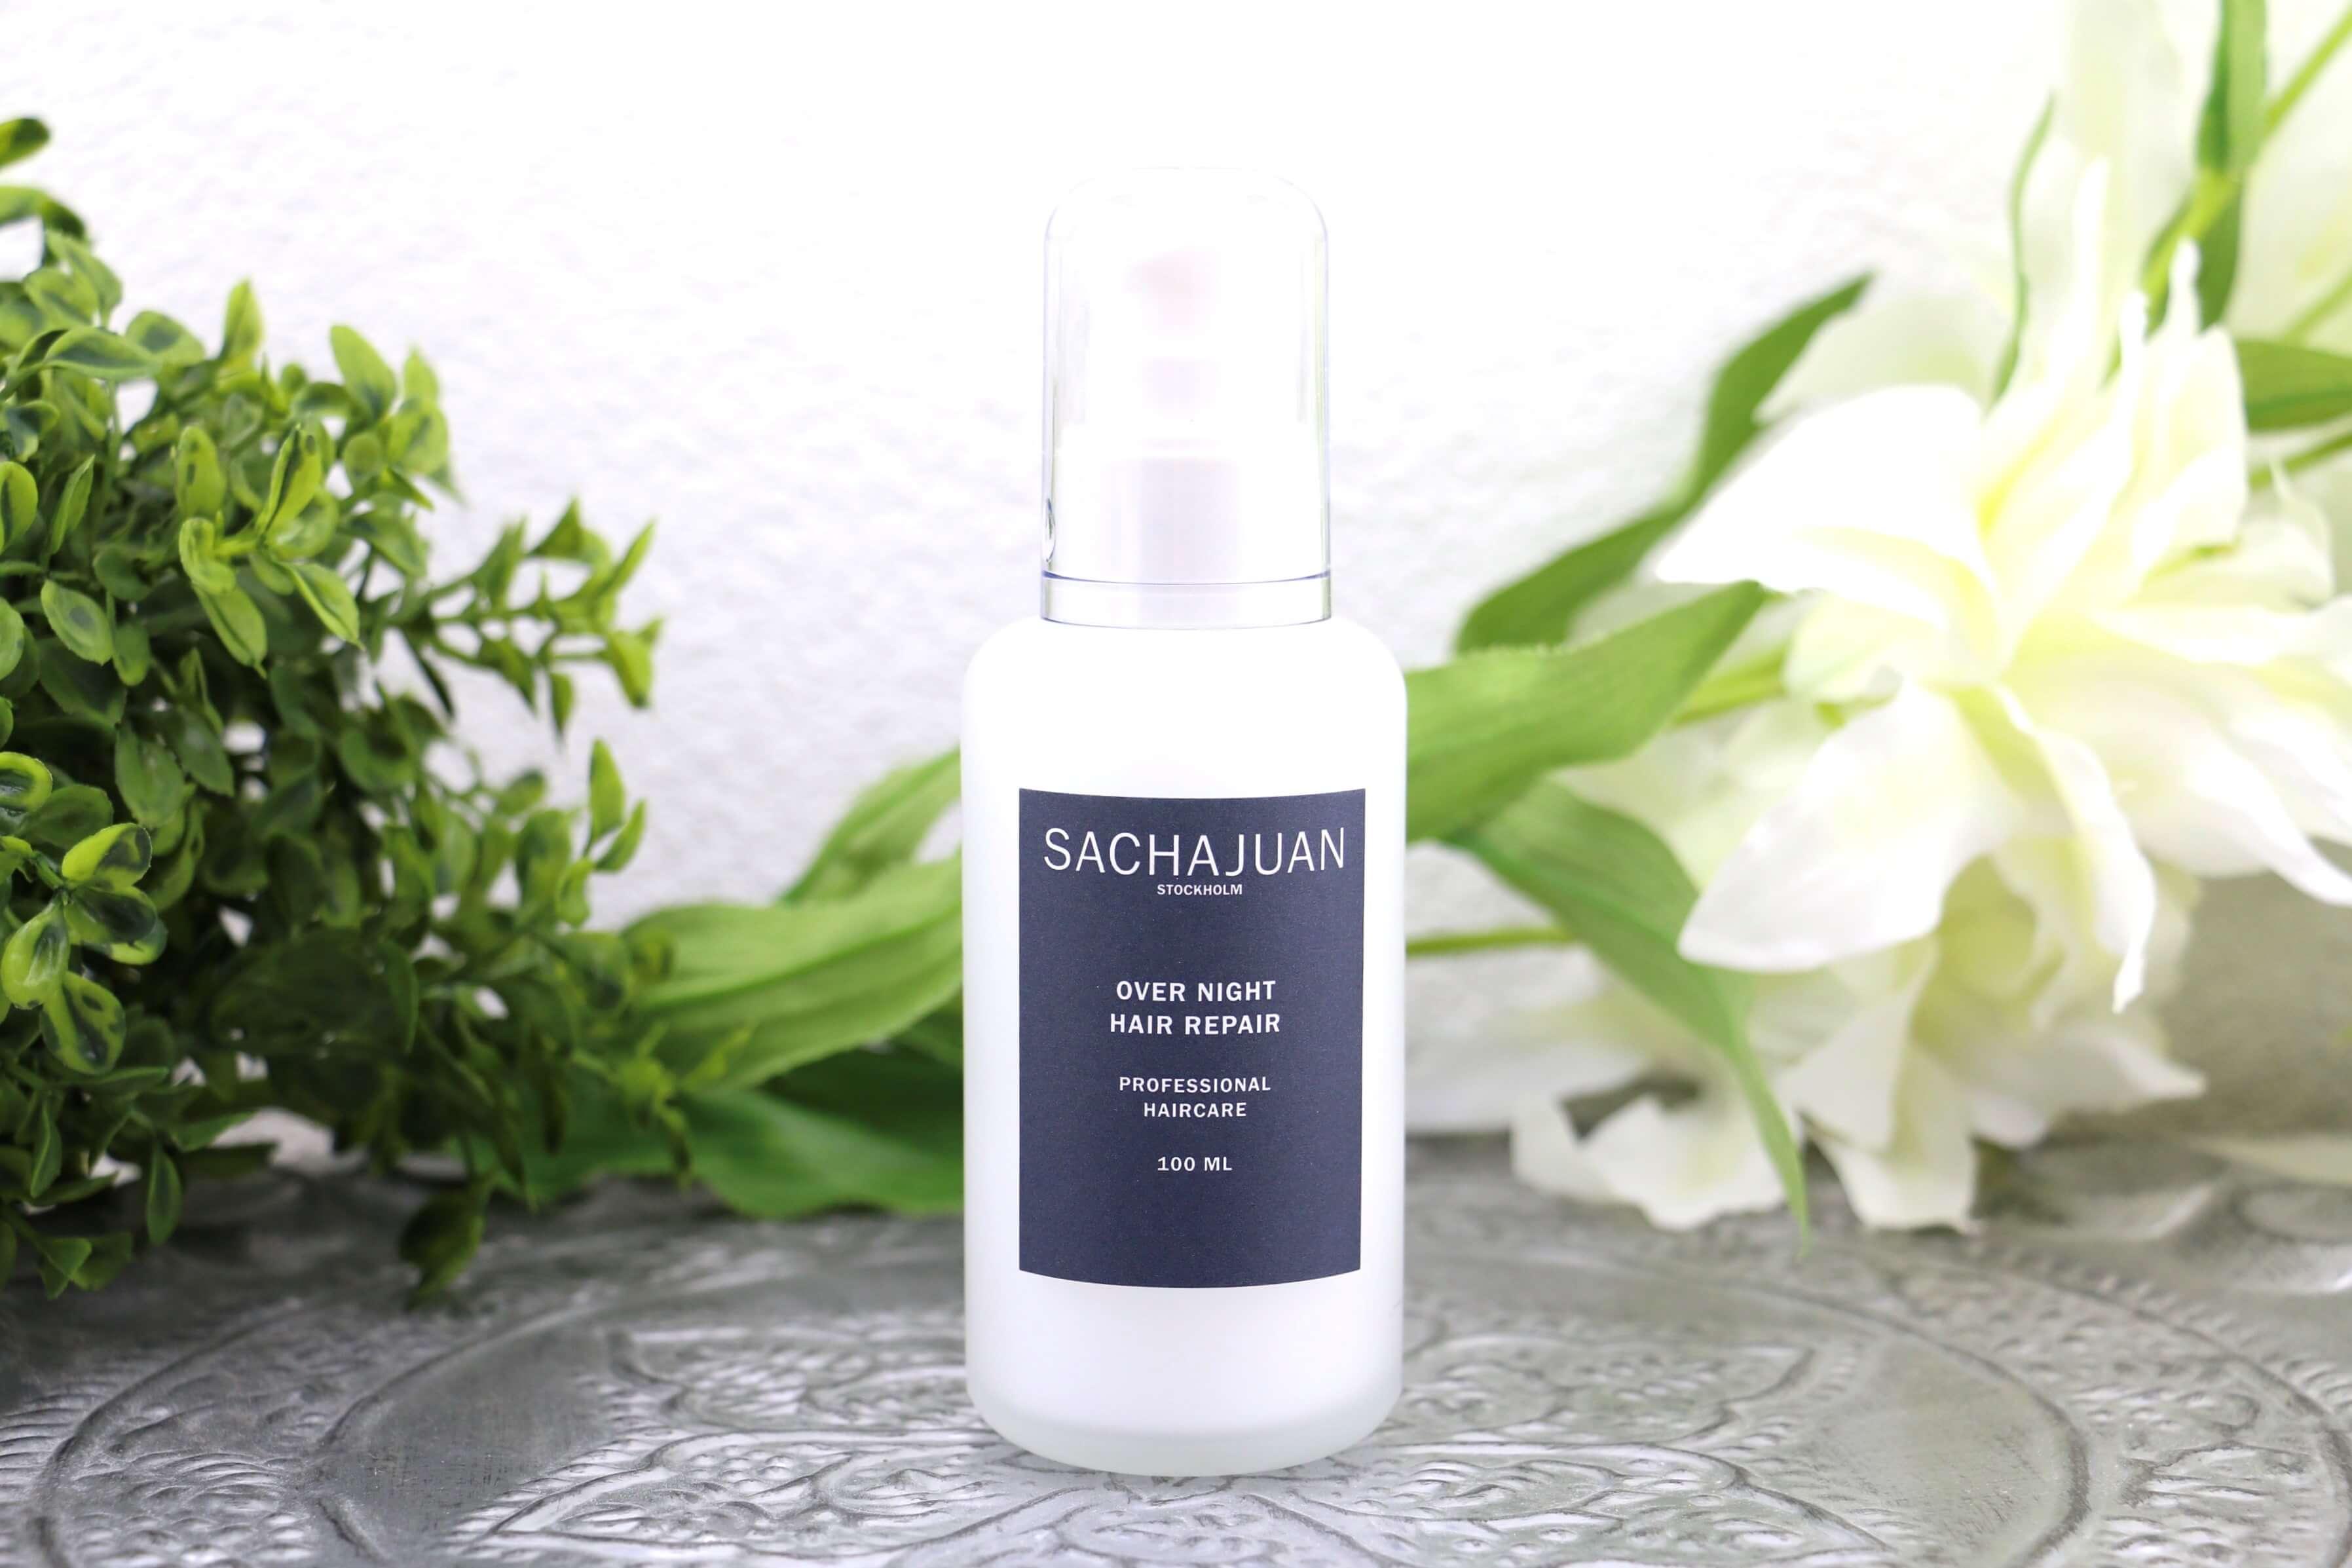 Sachajuan-Over-Night-Hair-Repair